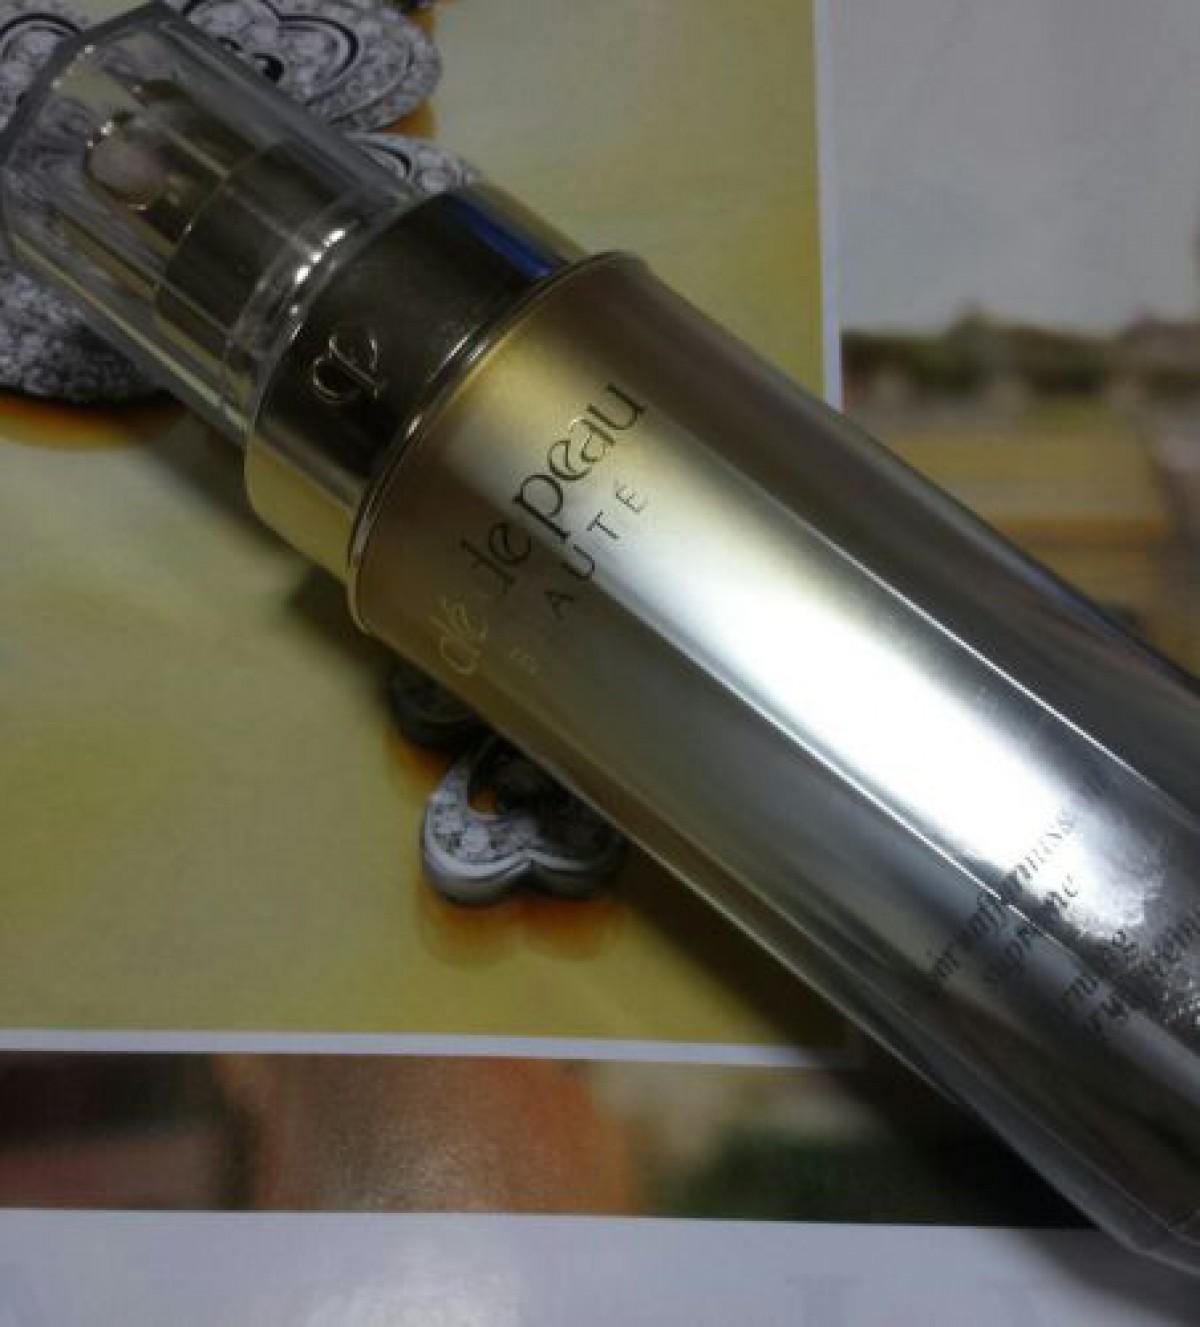 クレドポーボーテの4Dハリ美容液は継続が大事